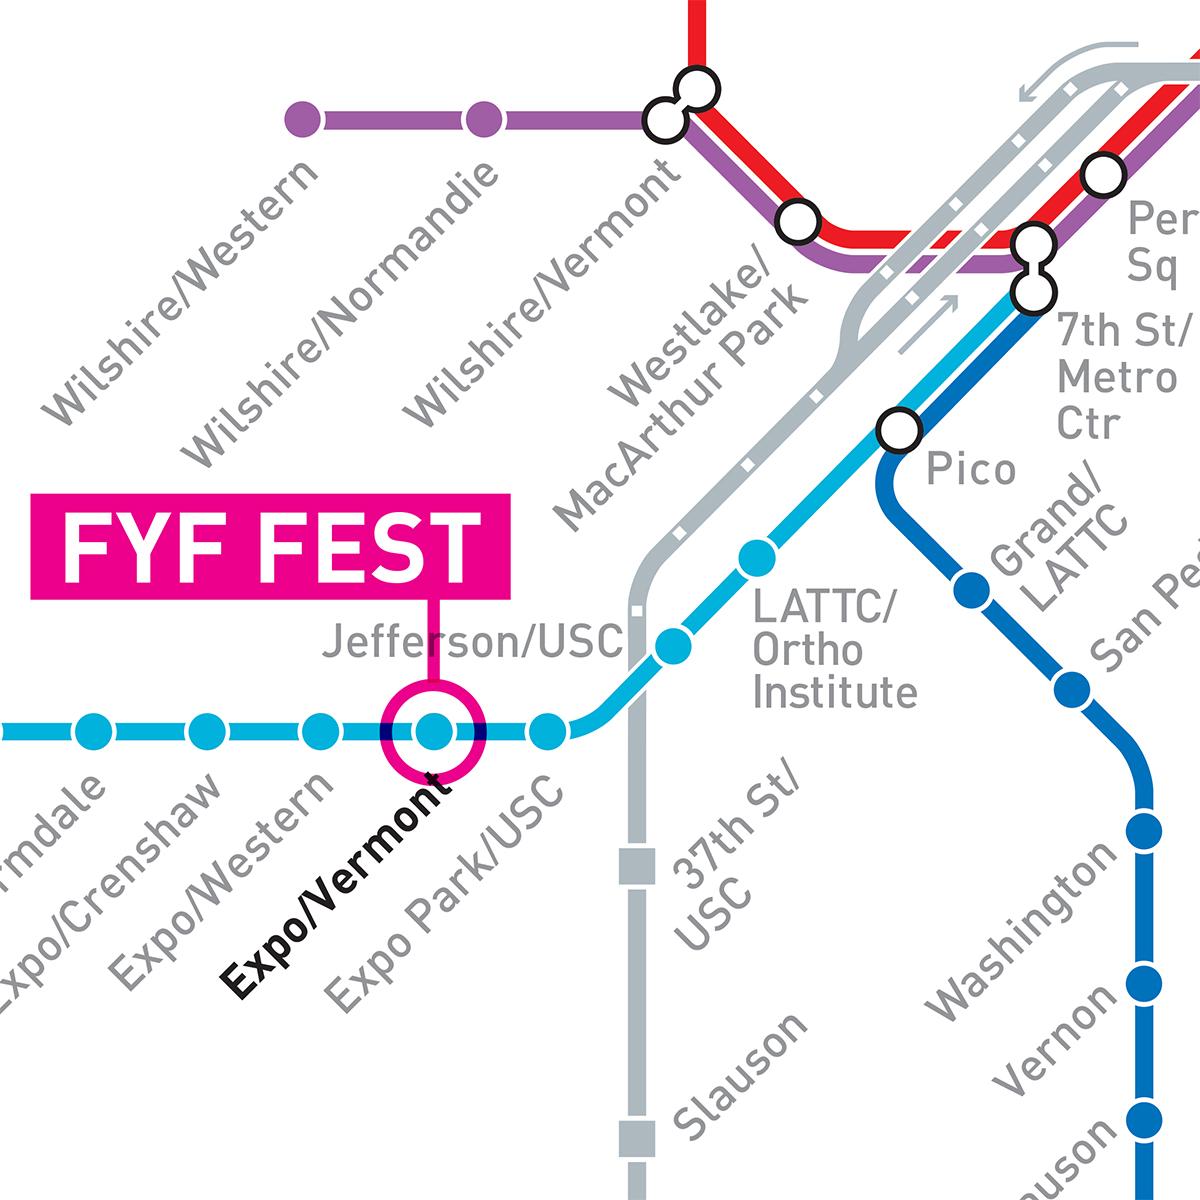 fyf fest station map